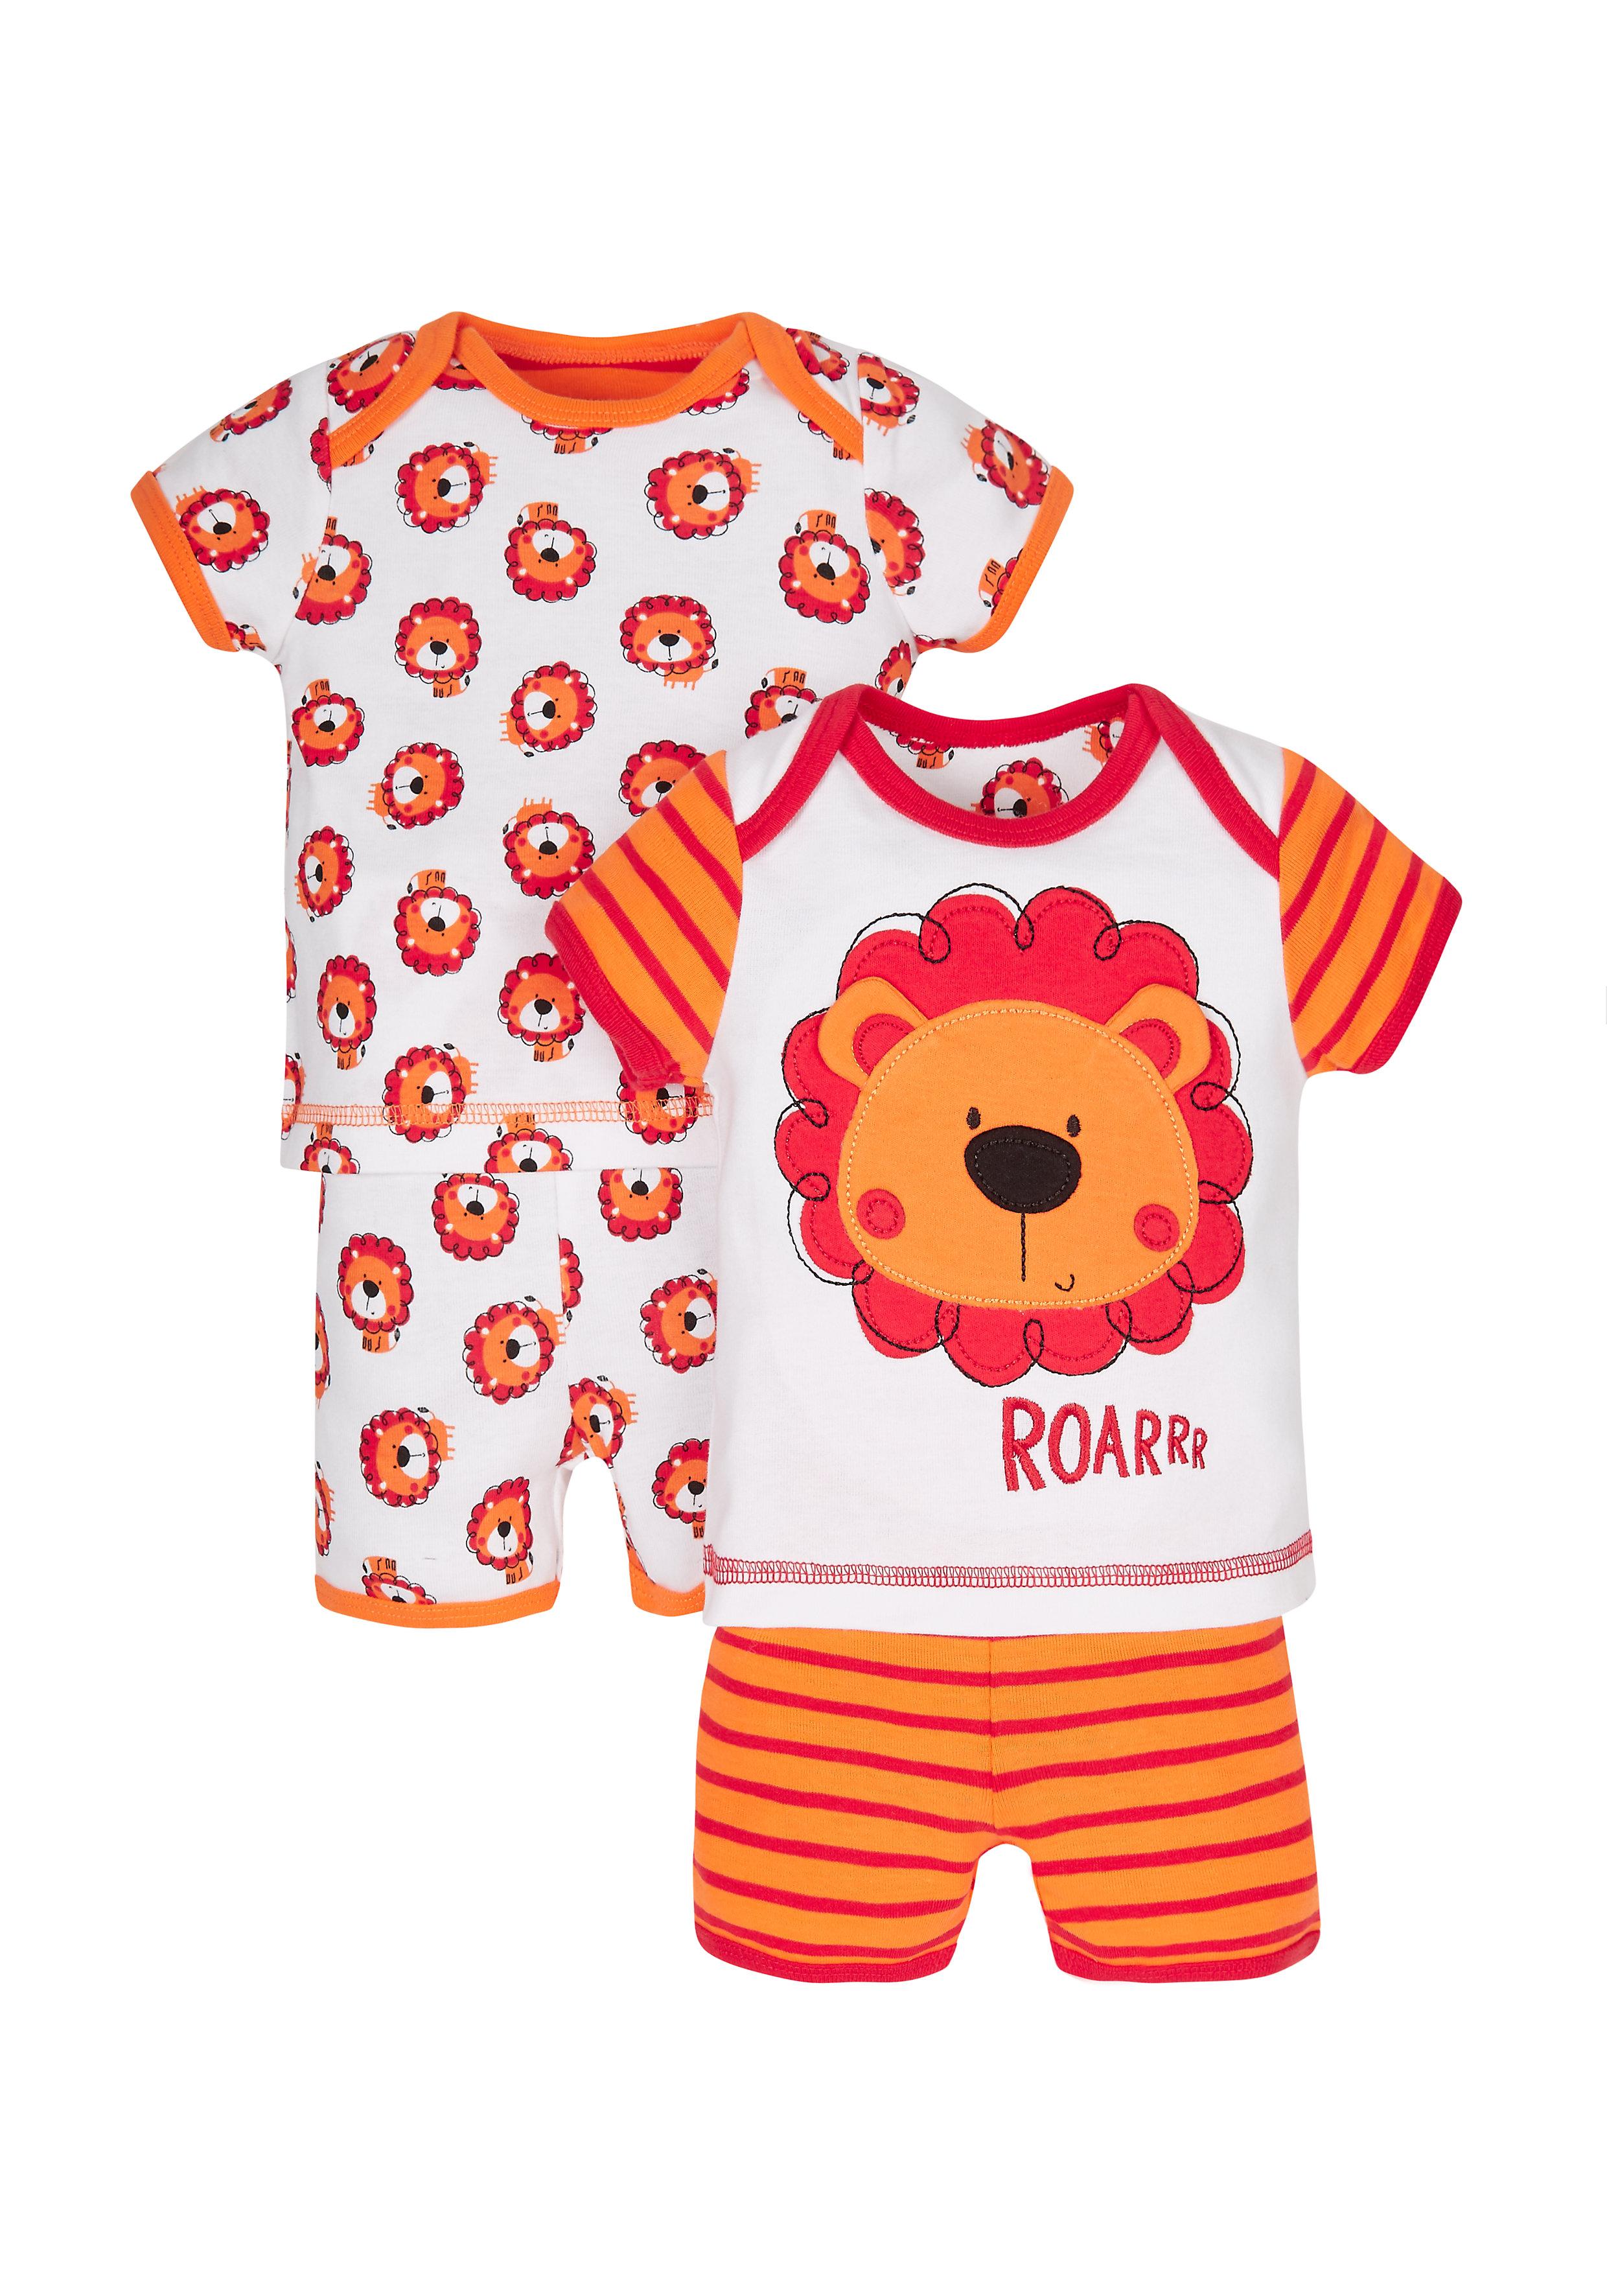 Mothercare | Boys Little Lion Shortie Pyjamas - 2 Pack - Orange